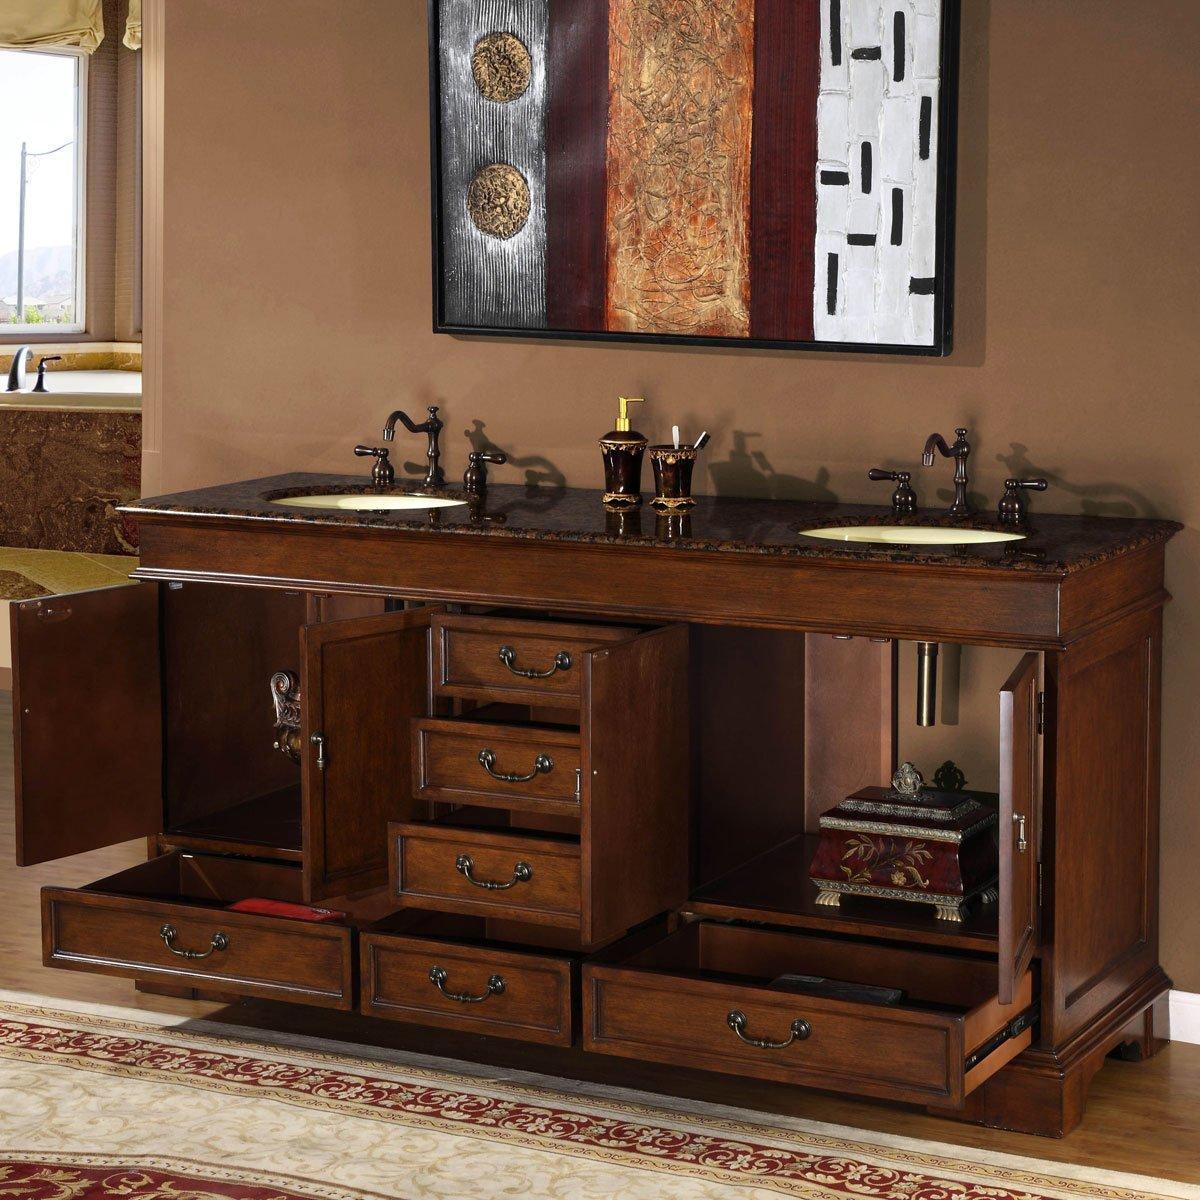 72, Silkroad Exclusive Baltic Brown Granite Stone Top Double Sink Bathroom Vanity Cabinet